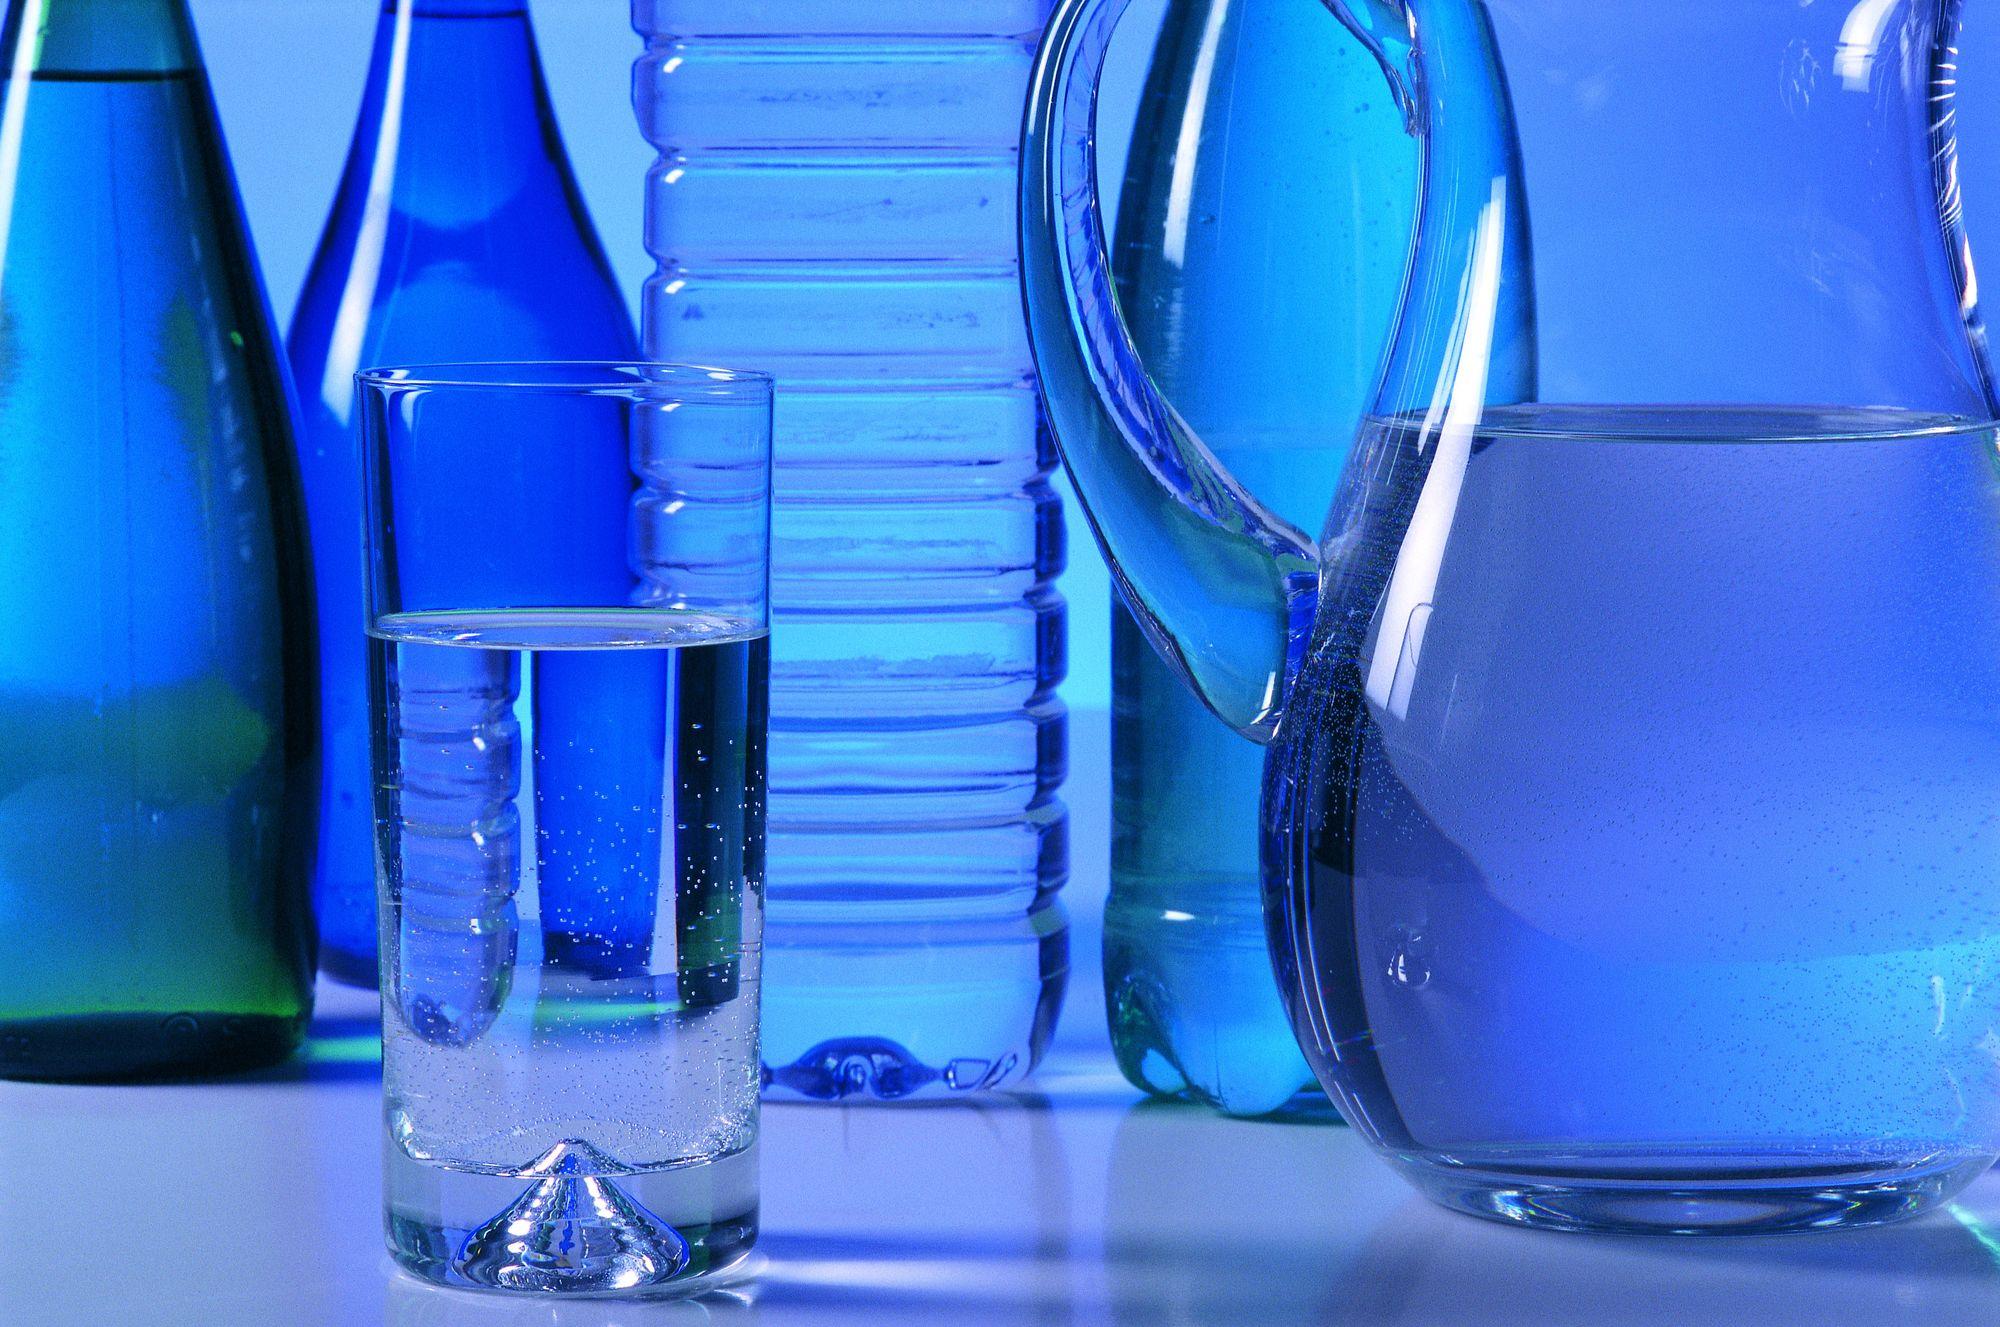 San benedetto investe nel sud italia imbottigliamento for Acqua design italia